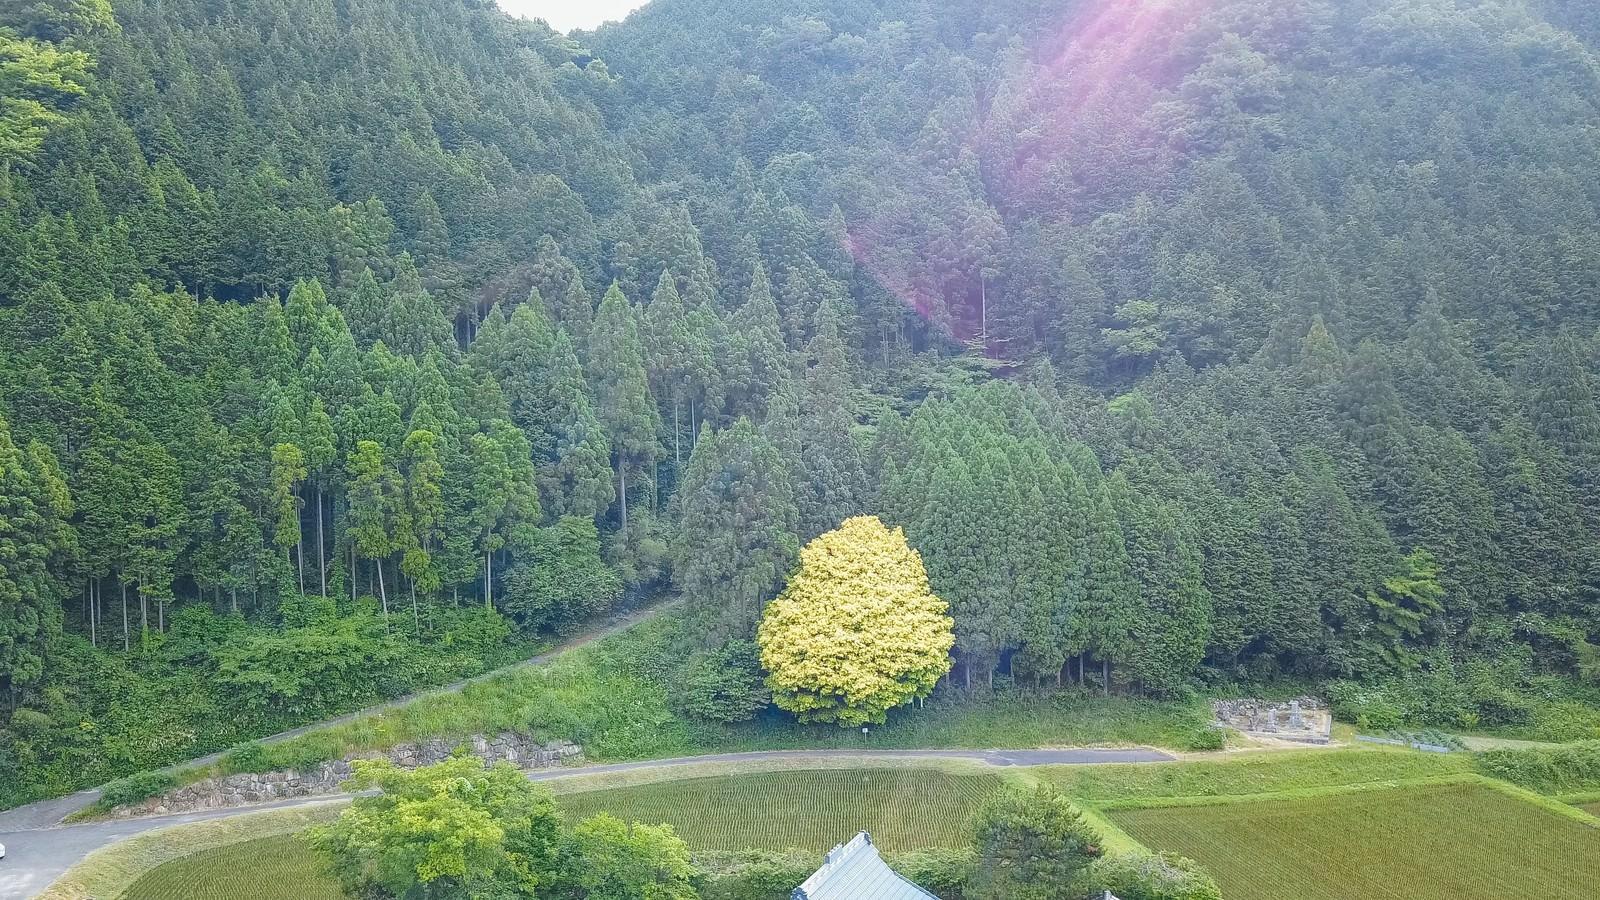 「一年を通して七色に変化する魅惑の樹木、七色樫(鏡野町)」の写真